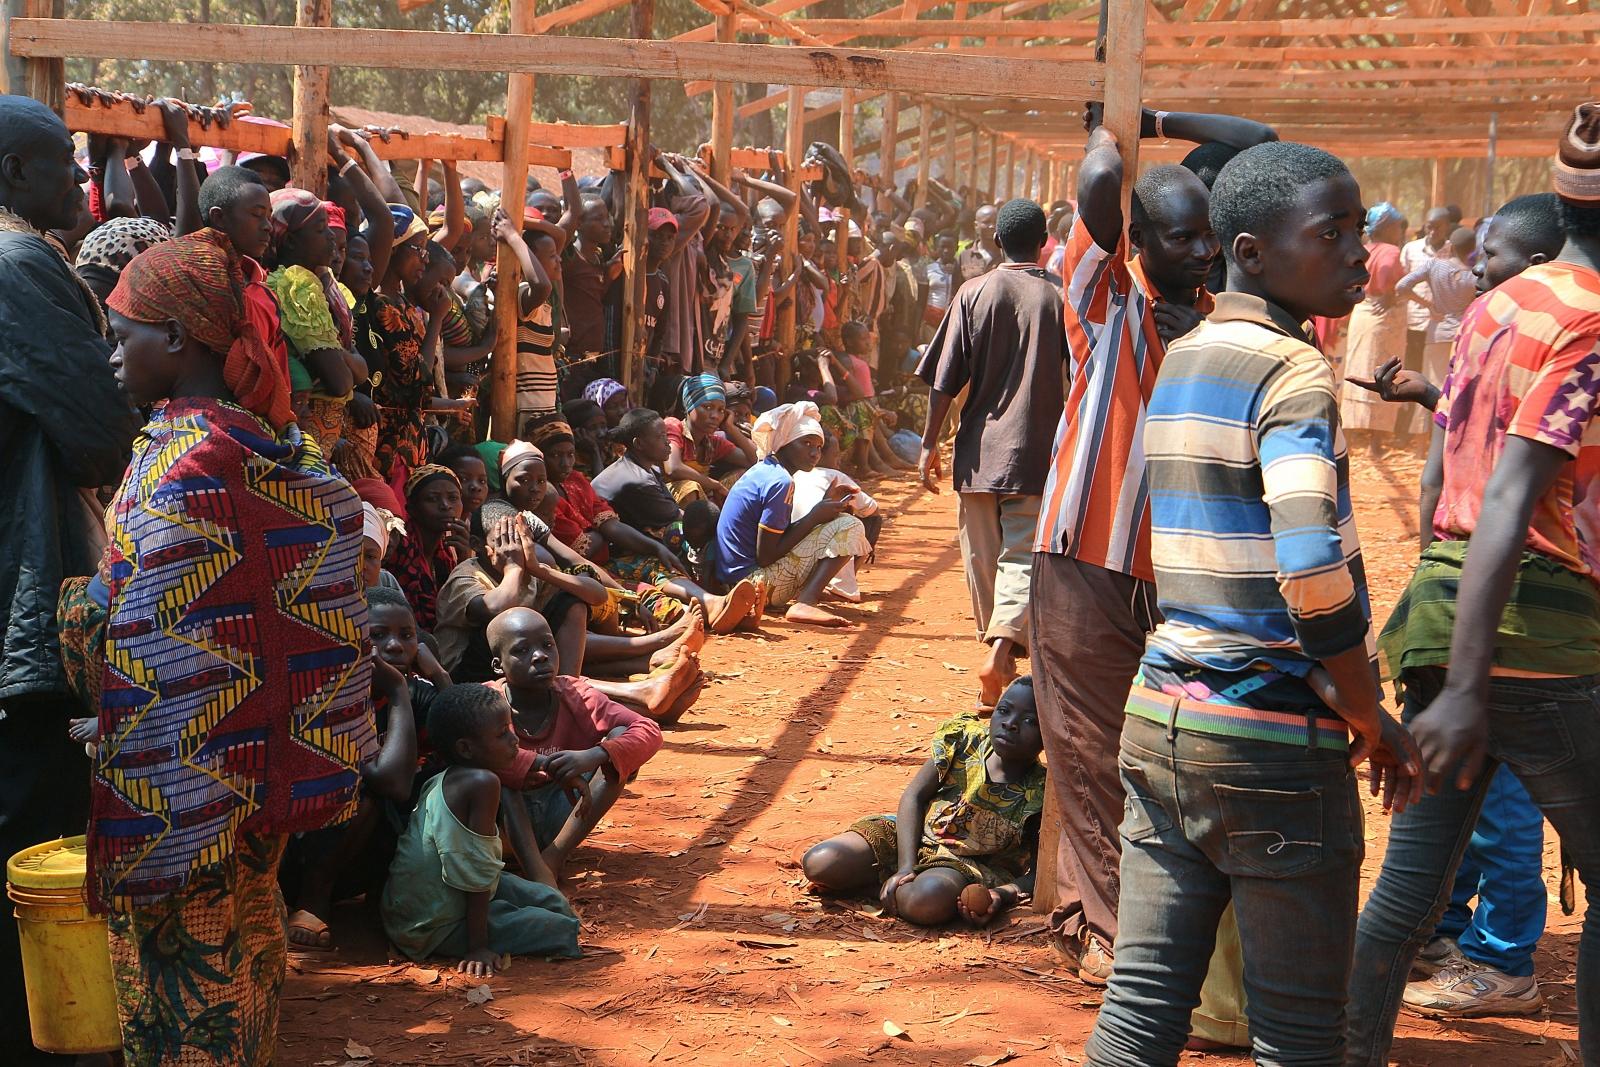 Burundi refugees in Tanzania